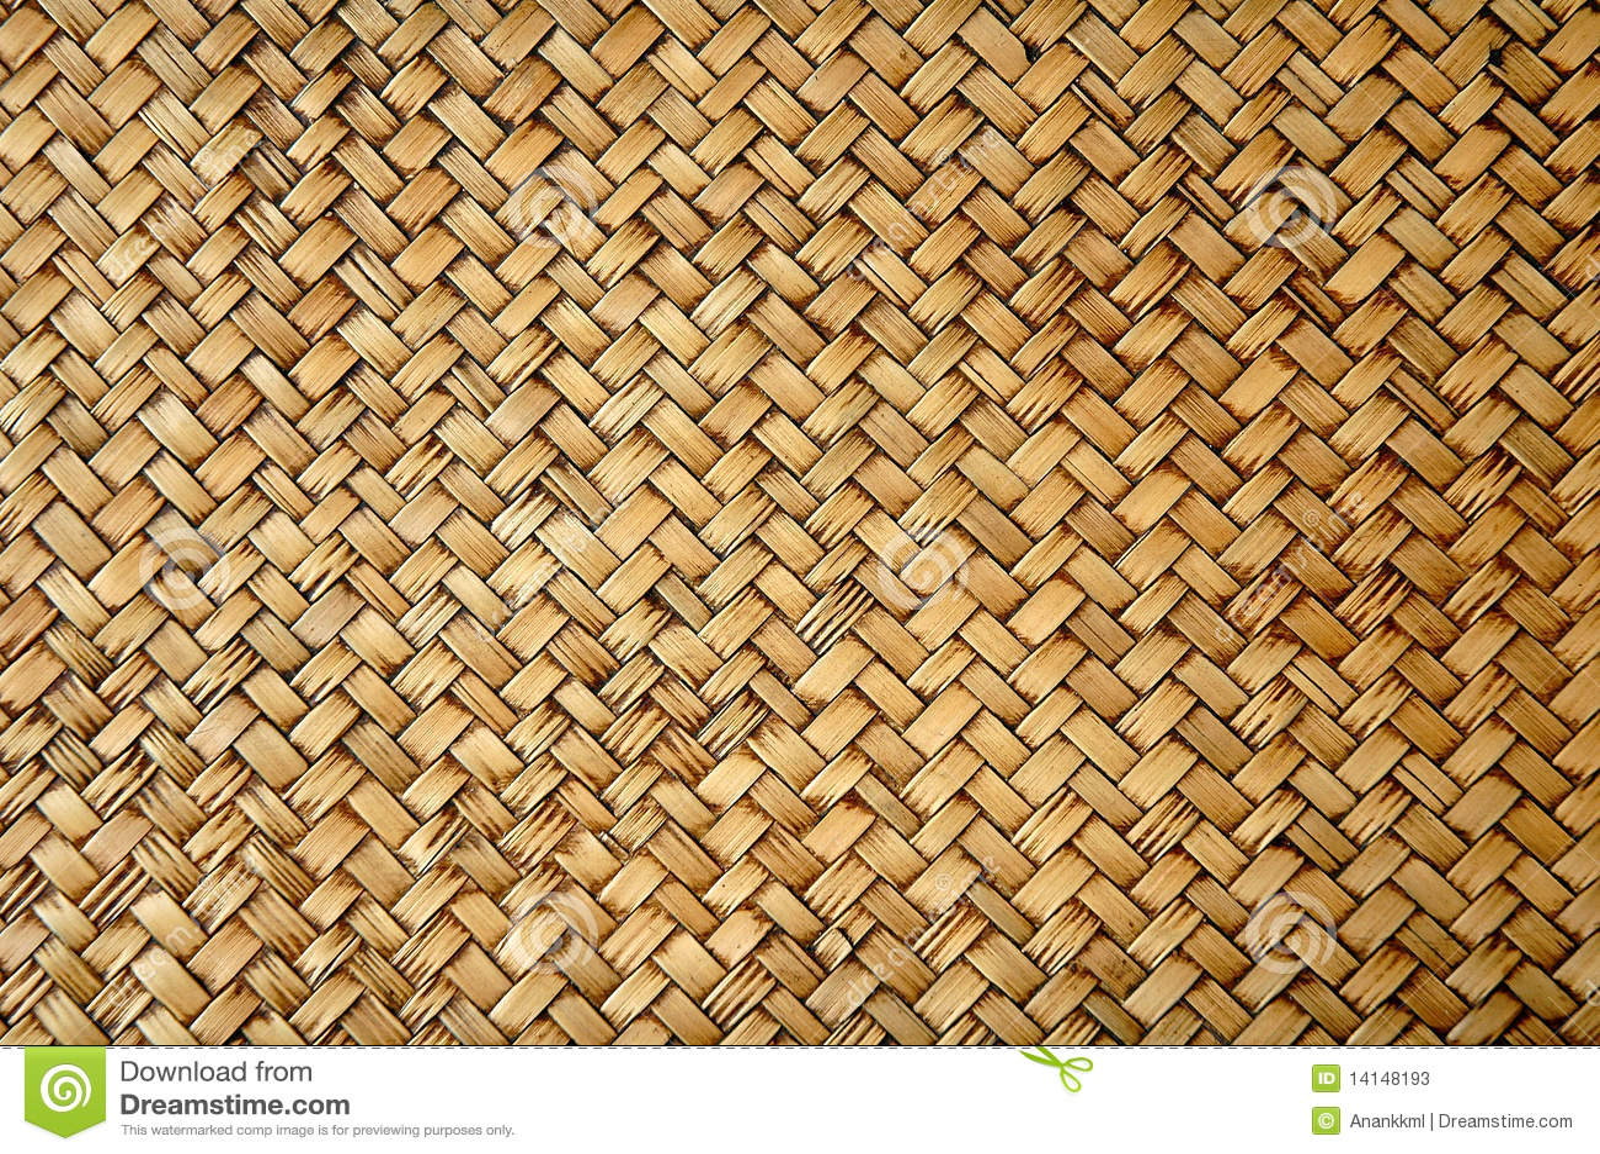 muebles de bamb fotos de archivo